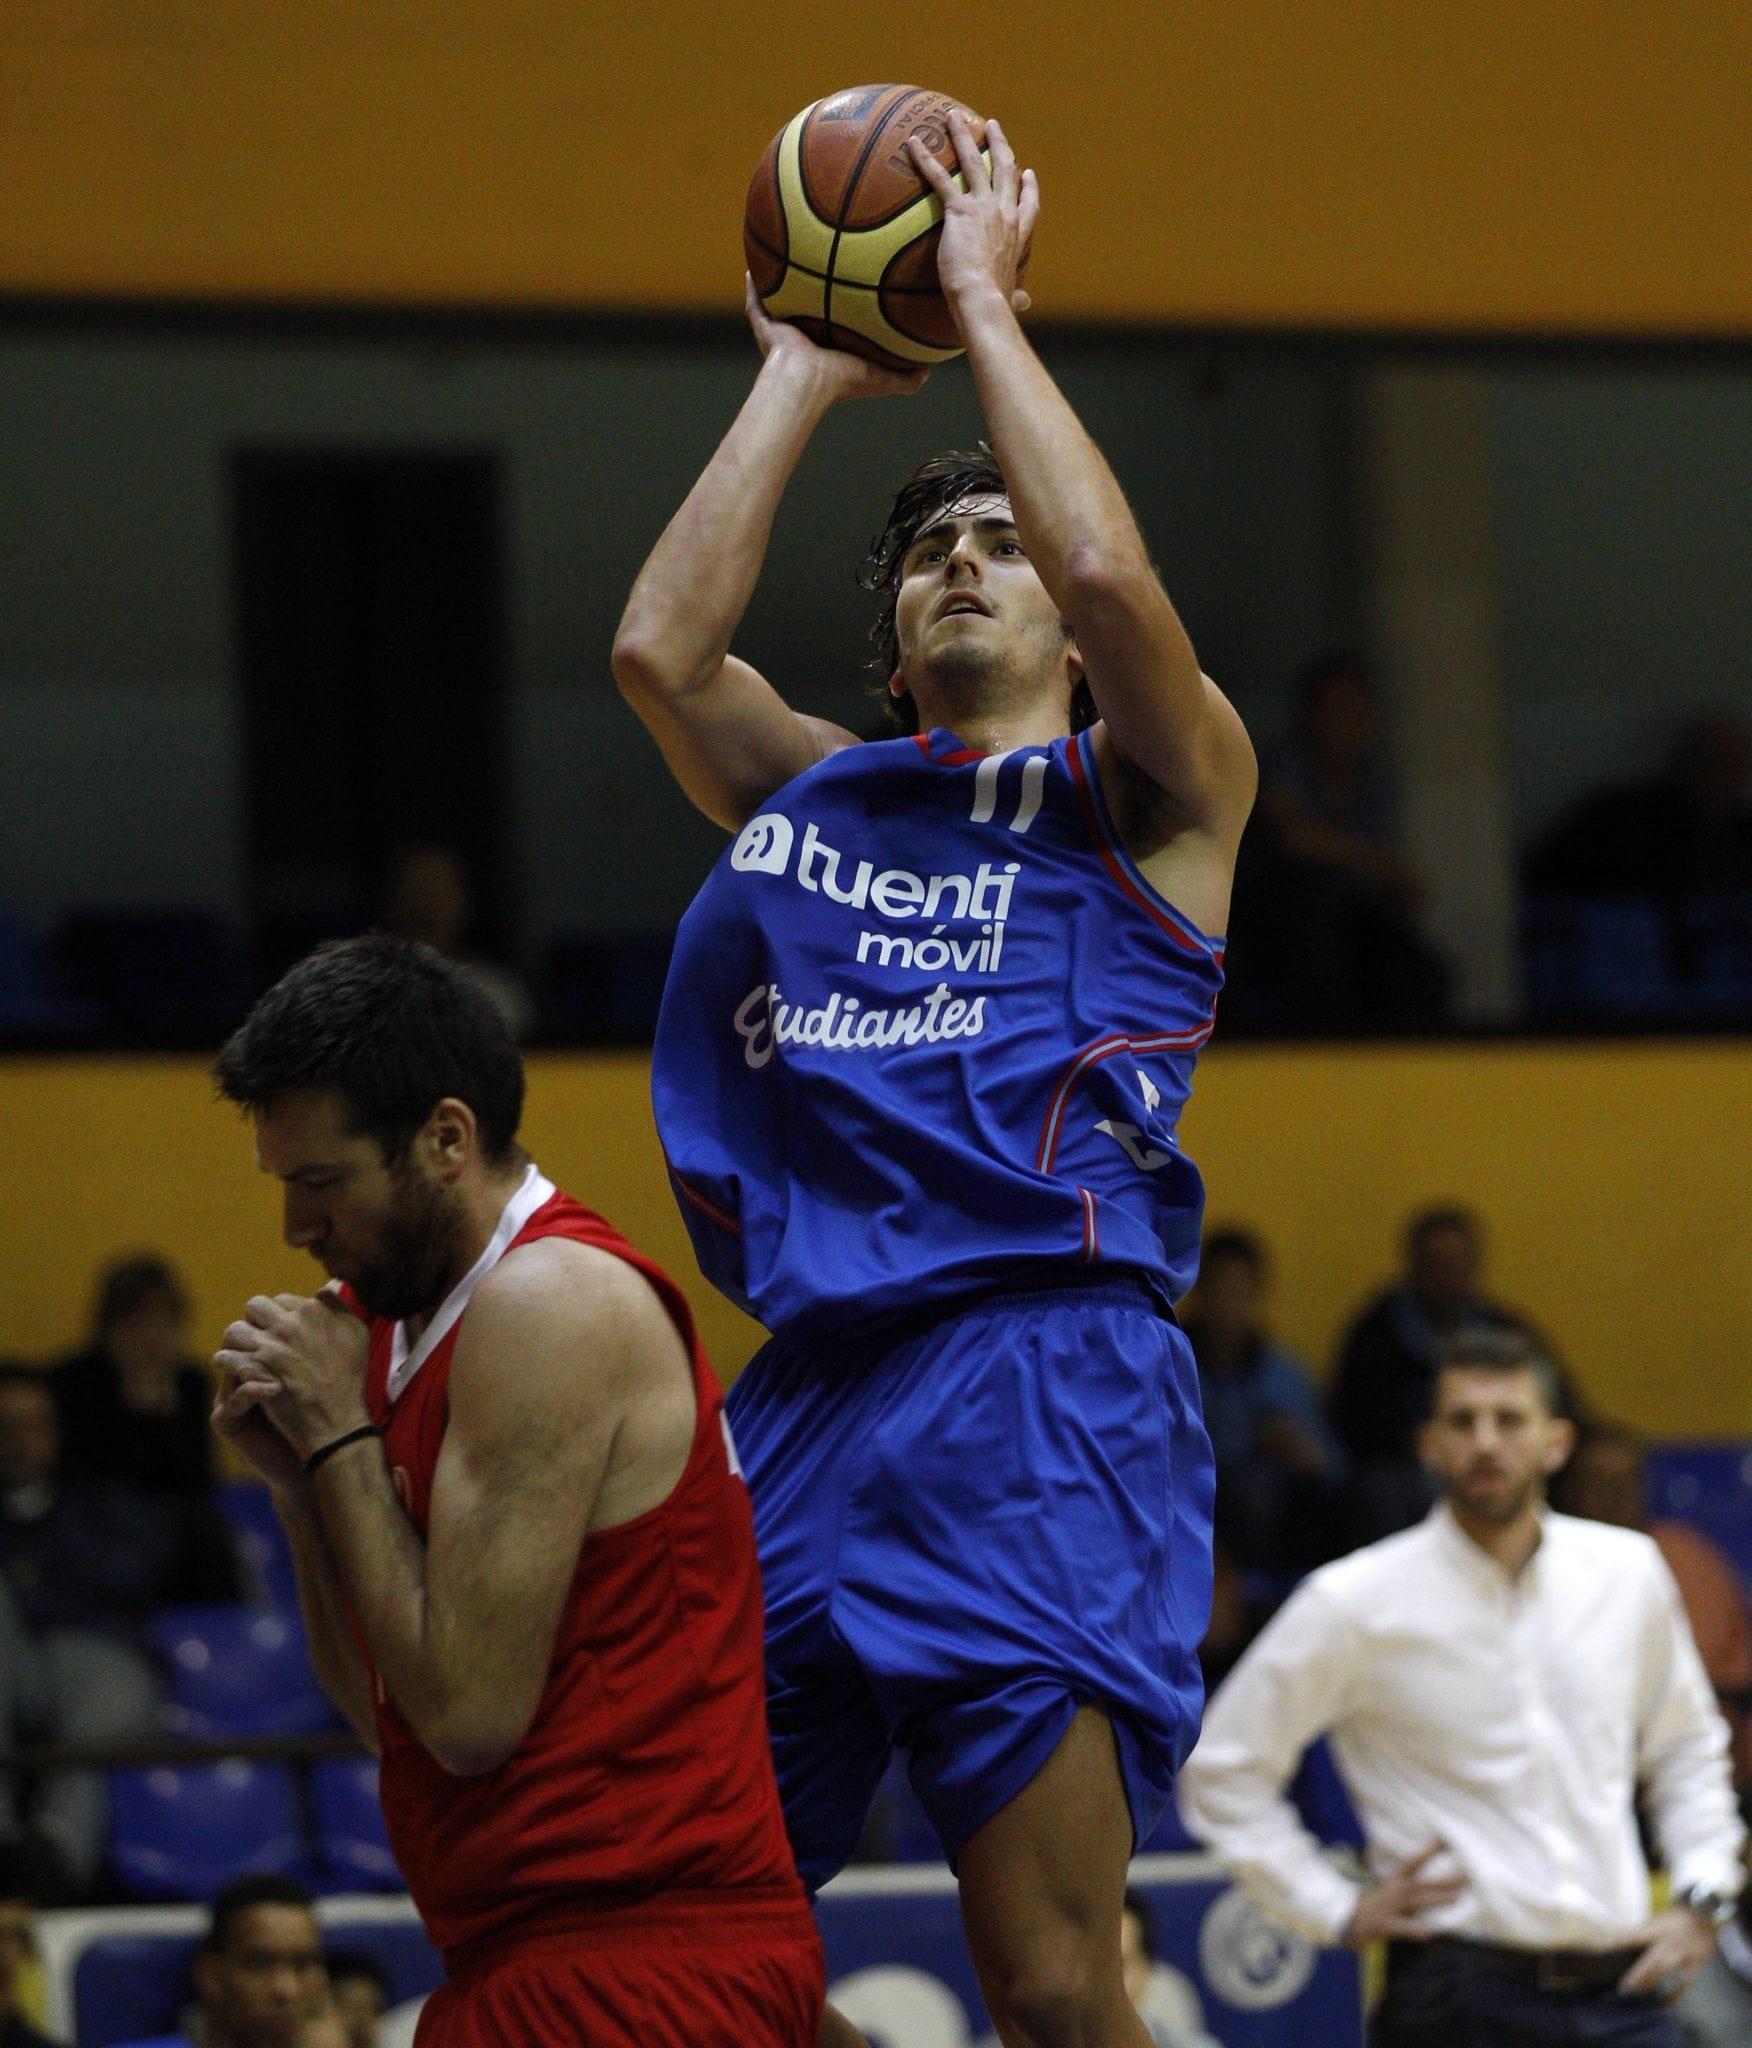 EBA: El filial de Tuenti Móvil Estudiantes se juega el liderato frente al Albacete Basket (domingo; 12.15h, Albacete)